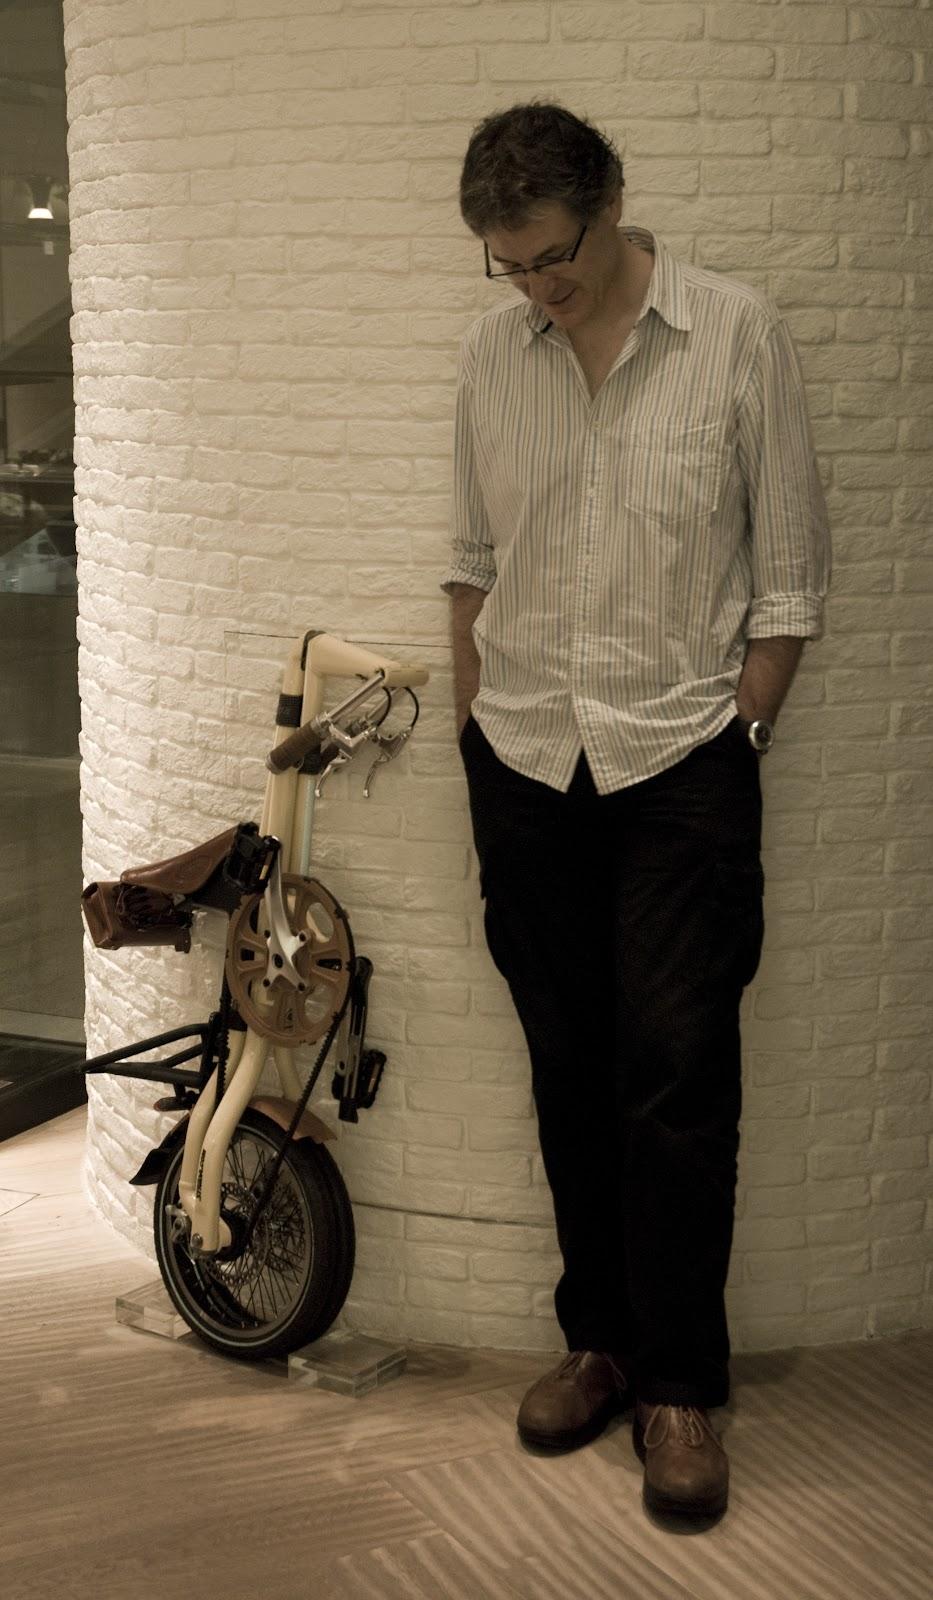 Mark in Lane Crawford, Hong Kong